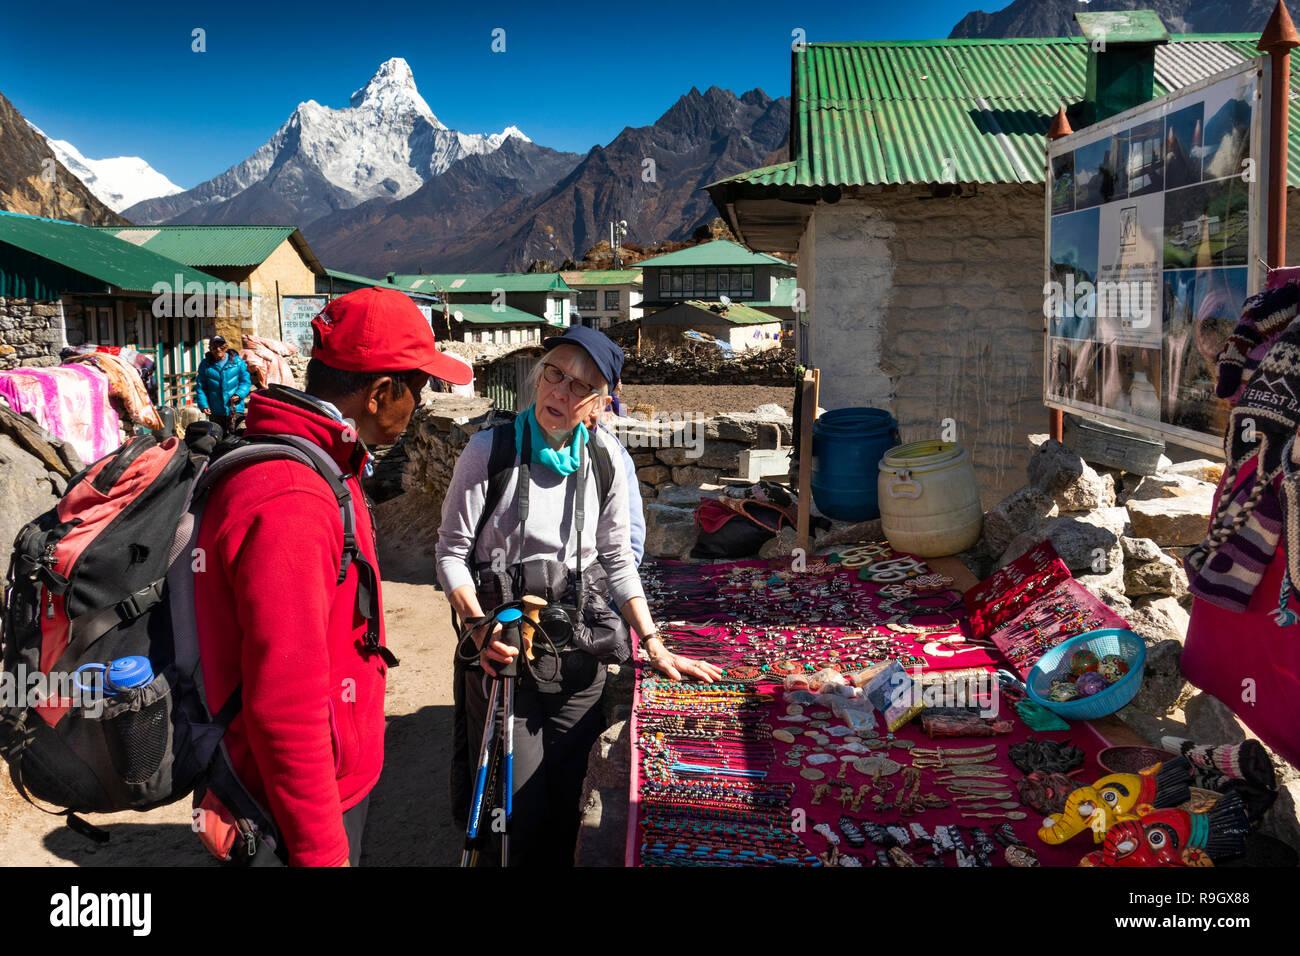 Nepal, el campamento base del Everest Trek, aldea de Khumjung, caminante y Guía Sherpa de pequeño calado de recuerdo para turistas locales fuera guest house lodge Imagen De Stock